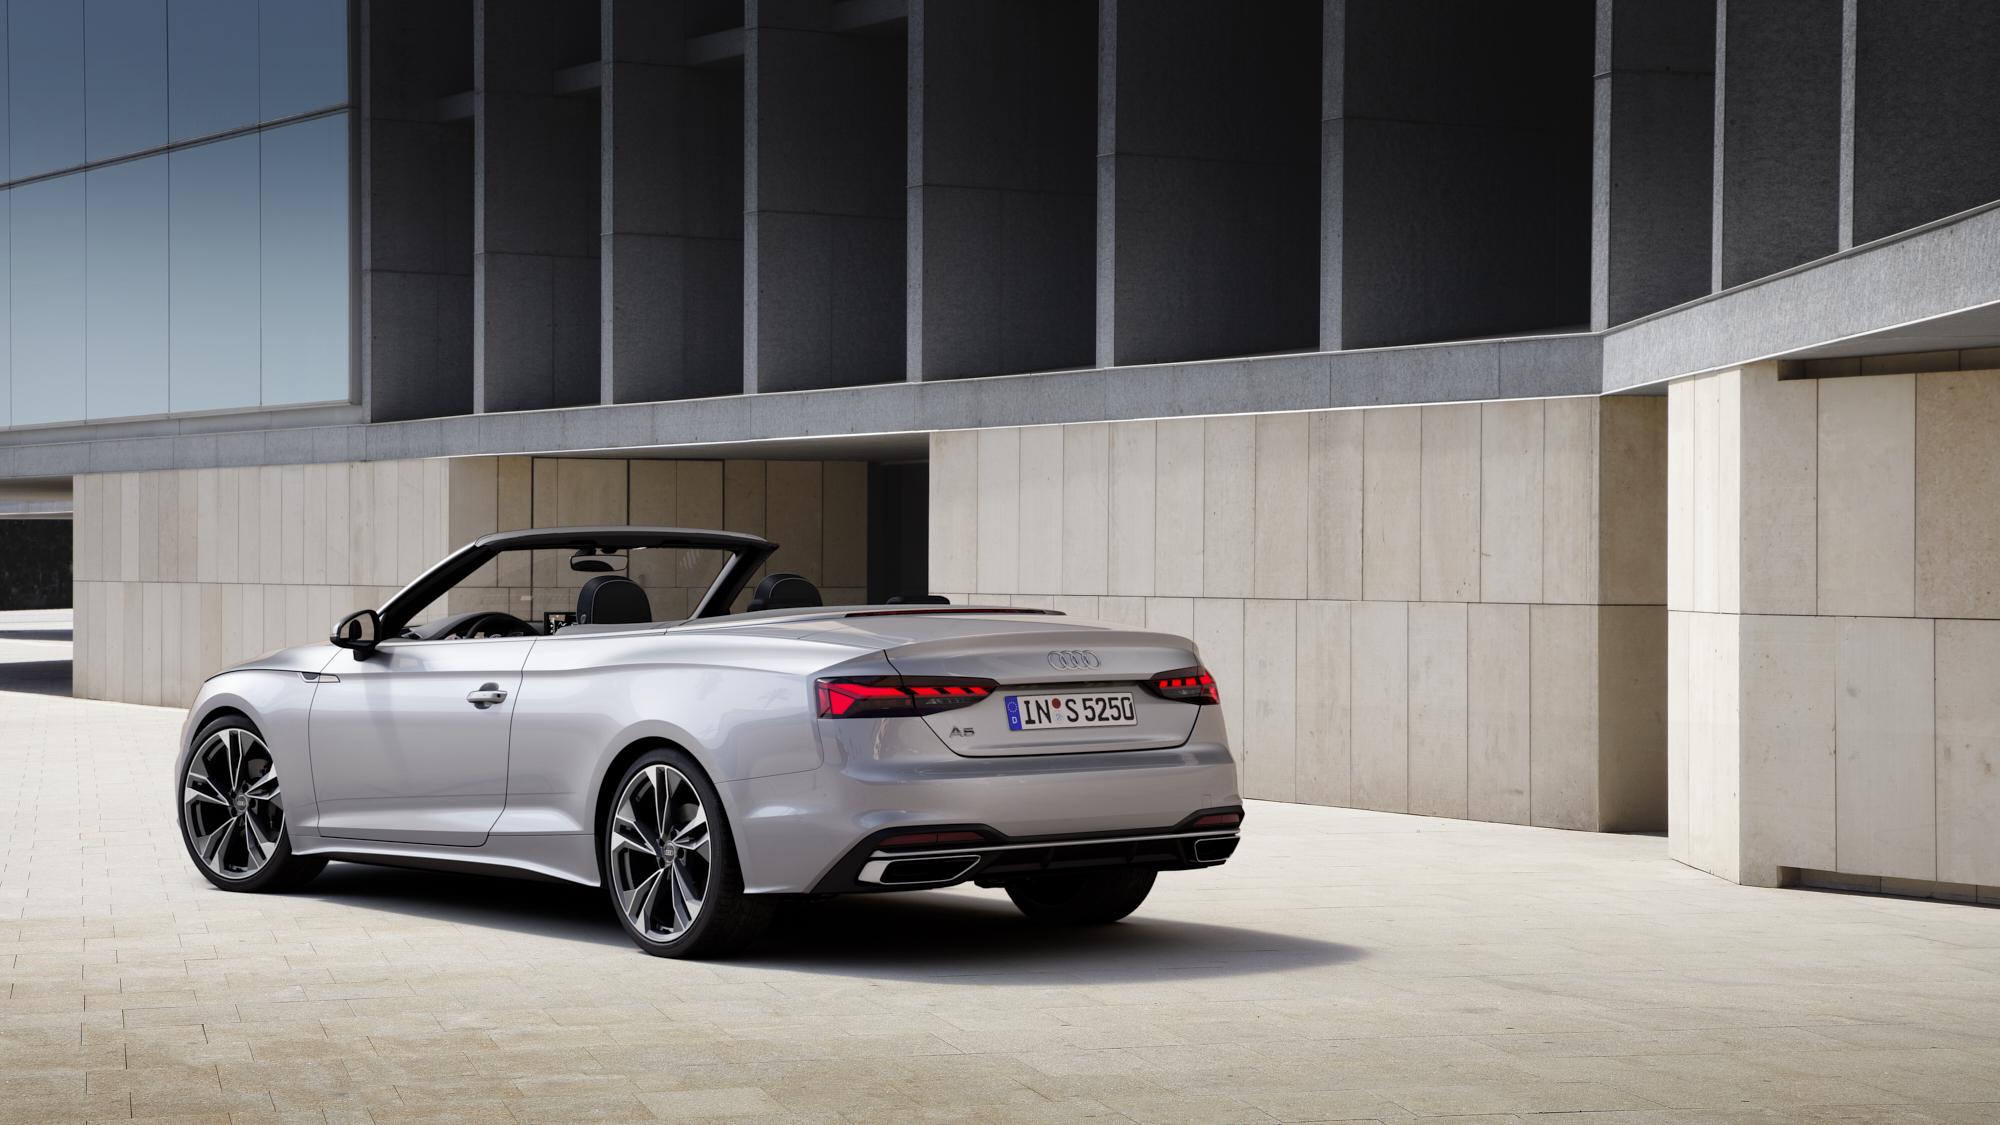 RWink_Audi_A5_Cabrio_Static_008_B2200